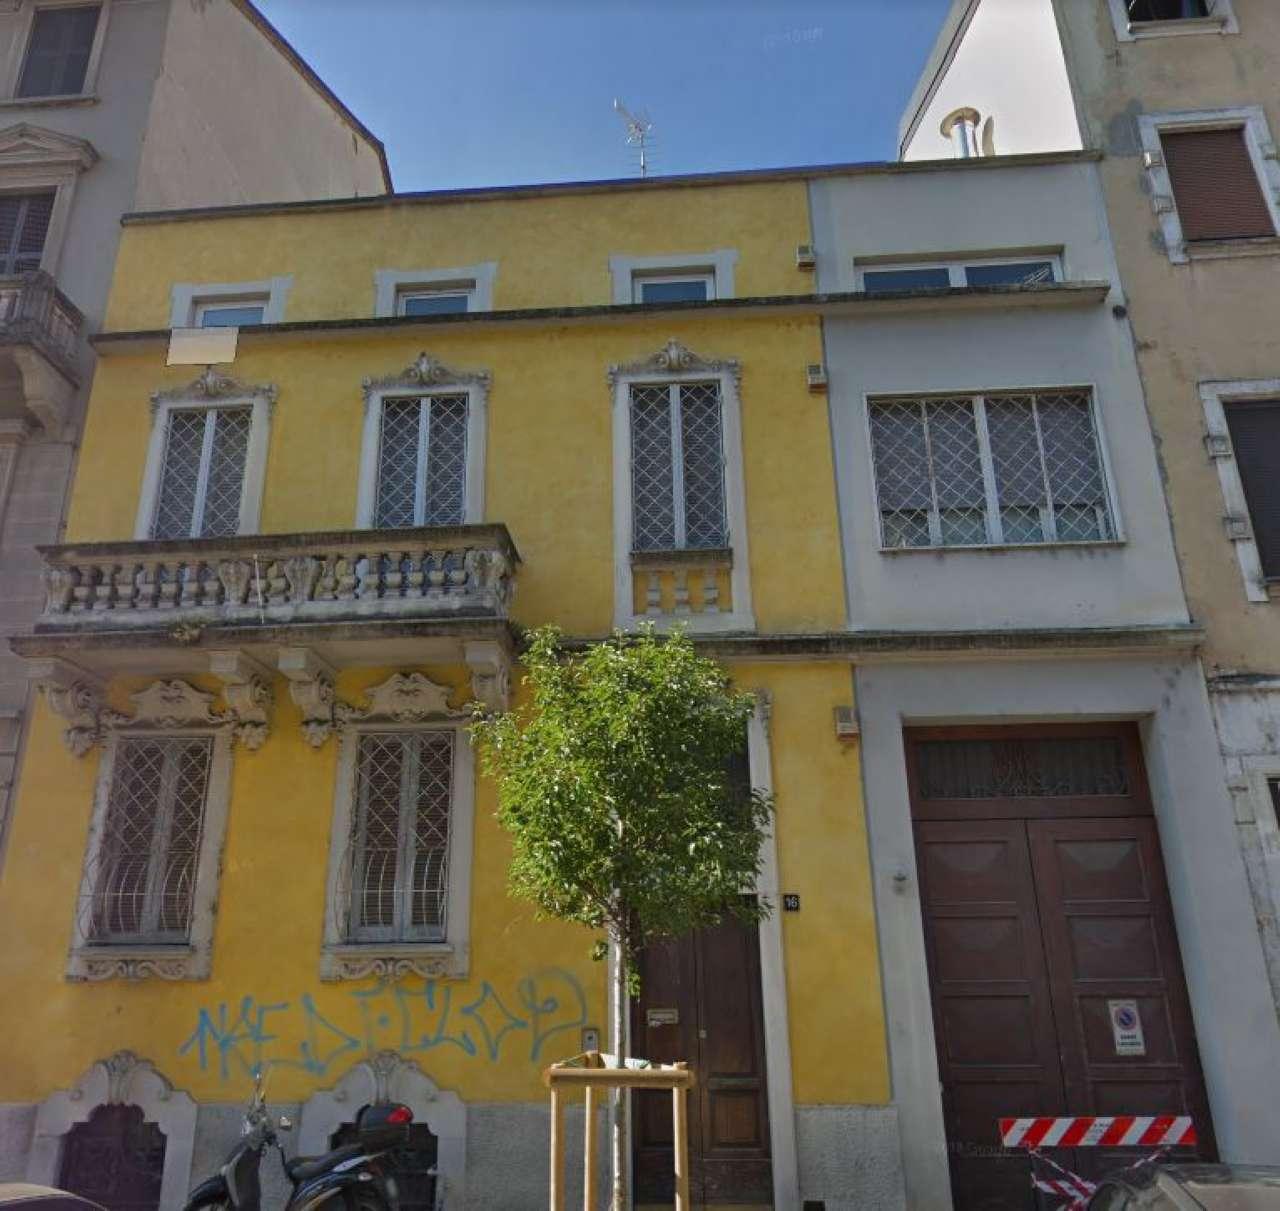 Appartamento in vendita 4 vani 242 mq.  via Francesco de sanctis 16 Milano